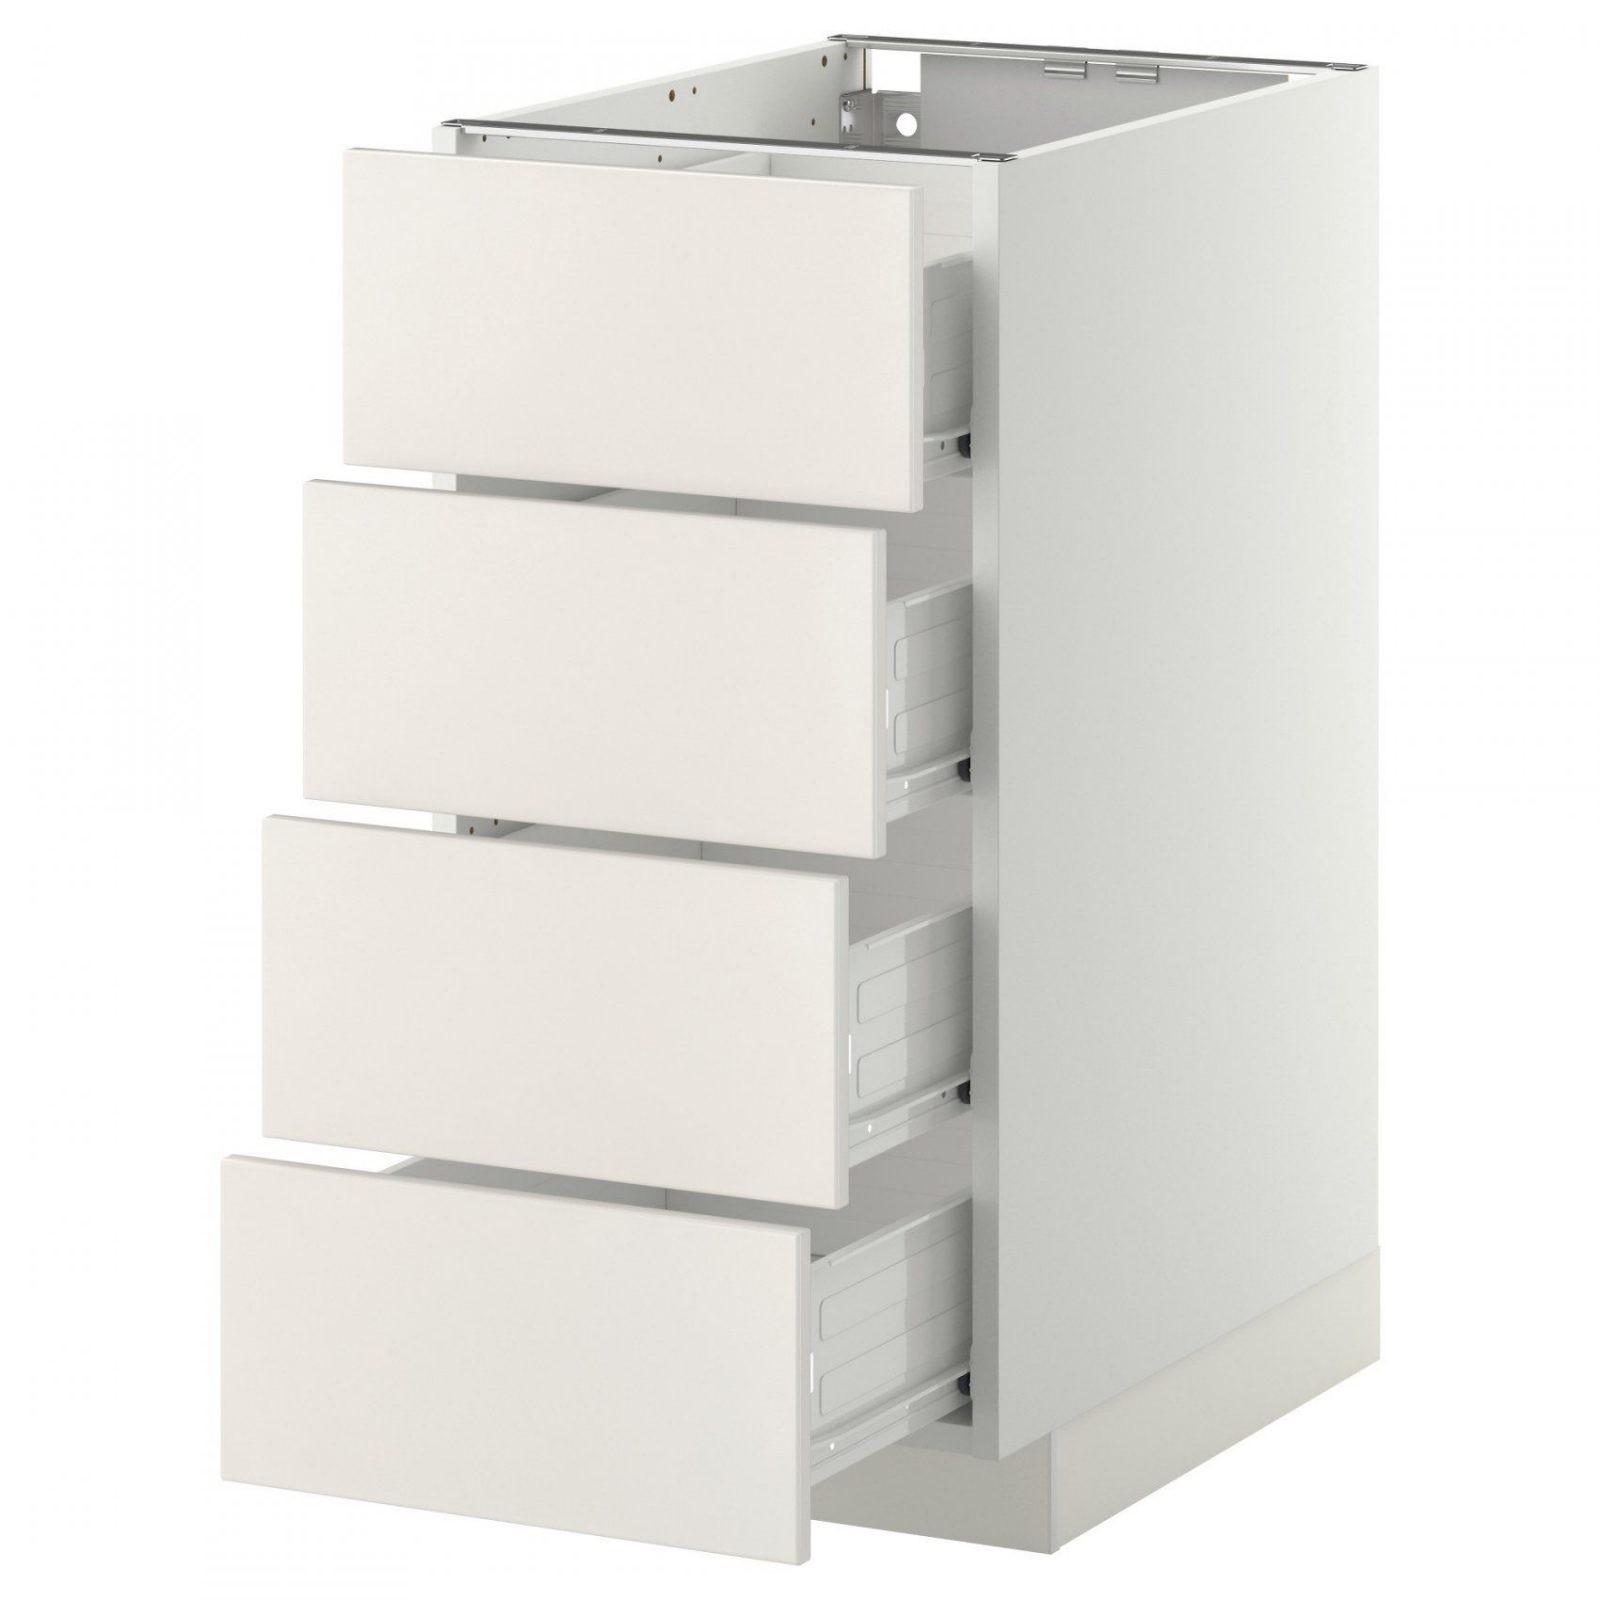 Hochschrank 30 Cm Breit Küche von Spülenunterschrank 50 Cm Ikea Bild